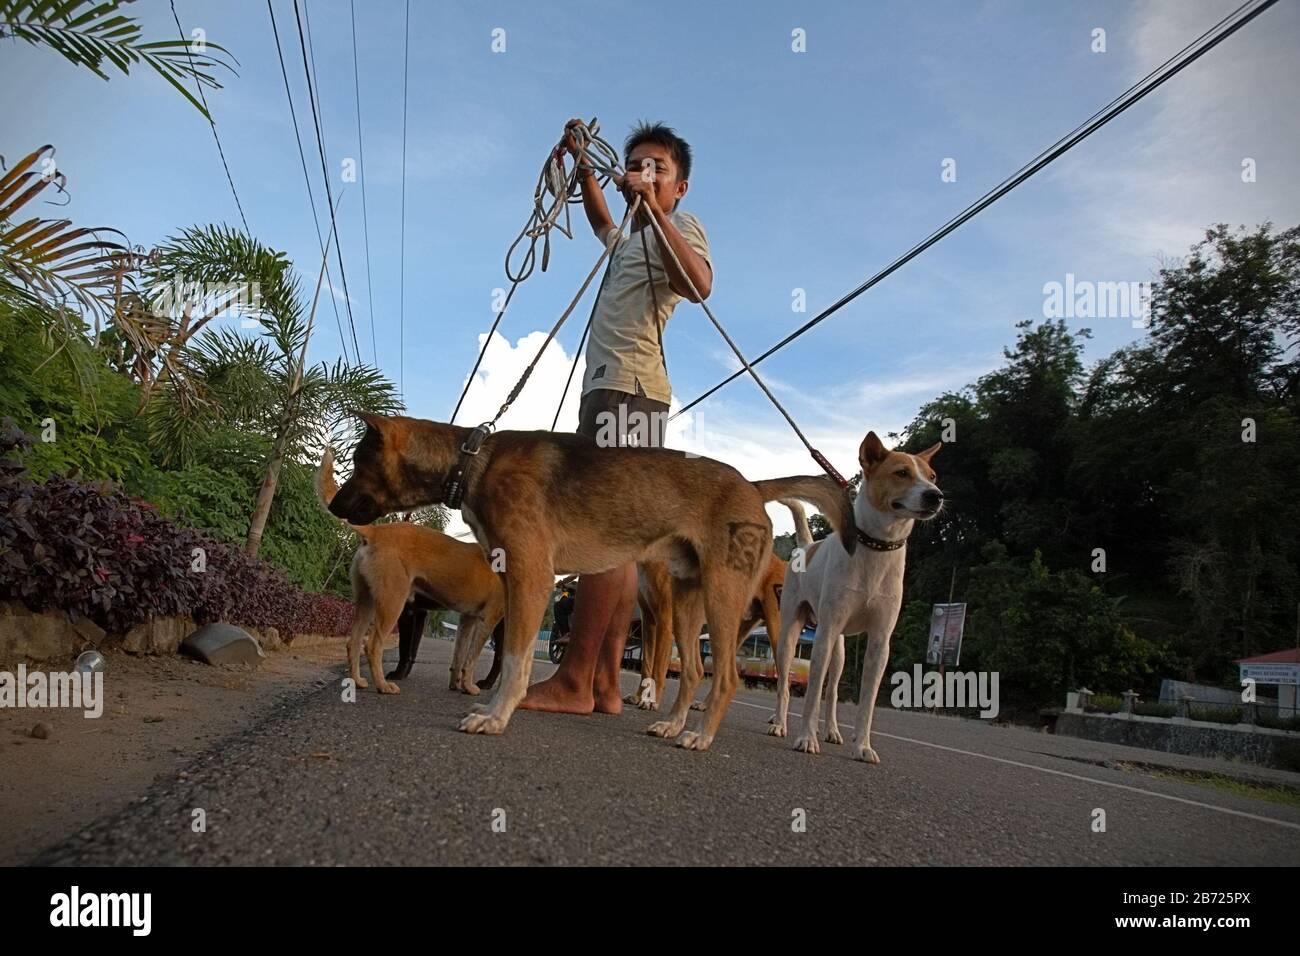 Retrato de un joven con perros de caza en la provincia de Sumatra Occidental, Indonesia. Foto de stock